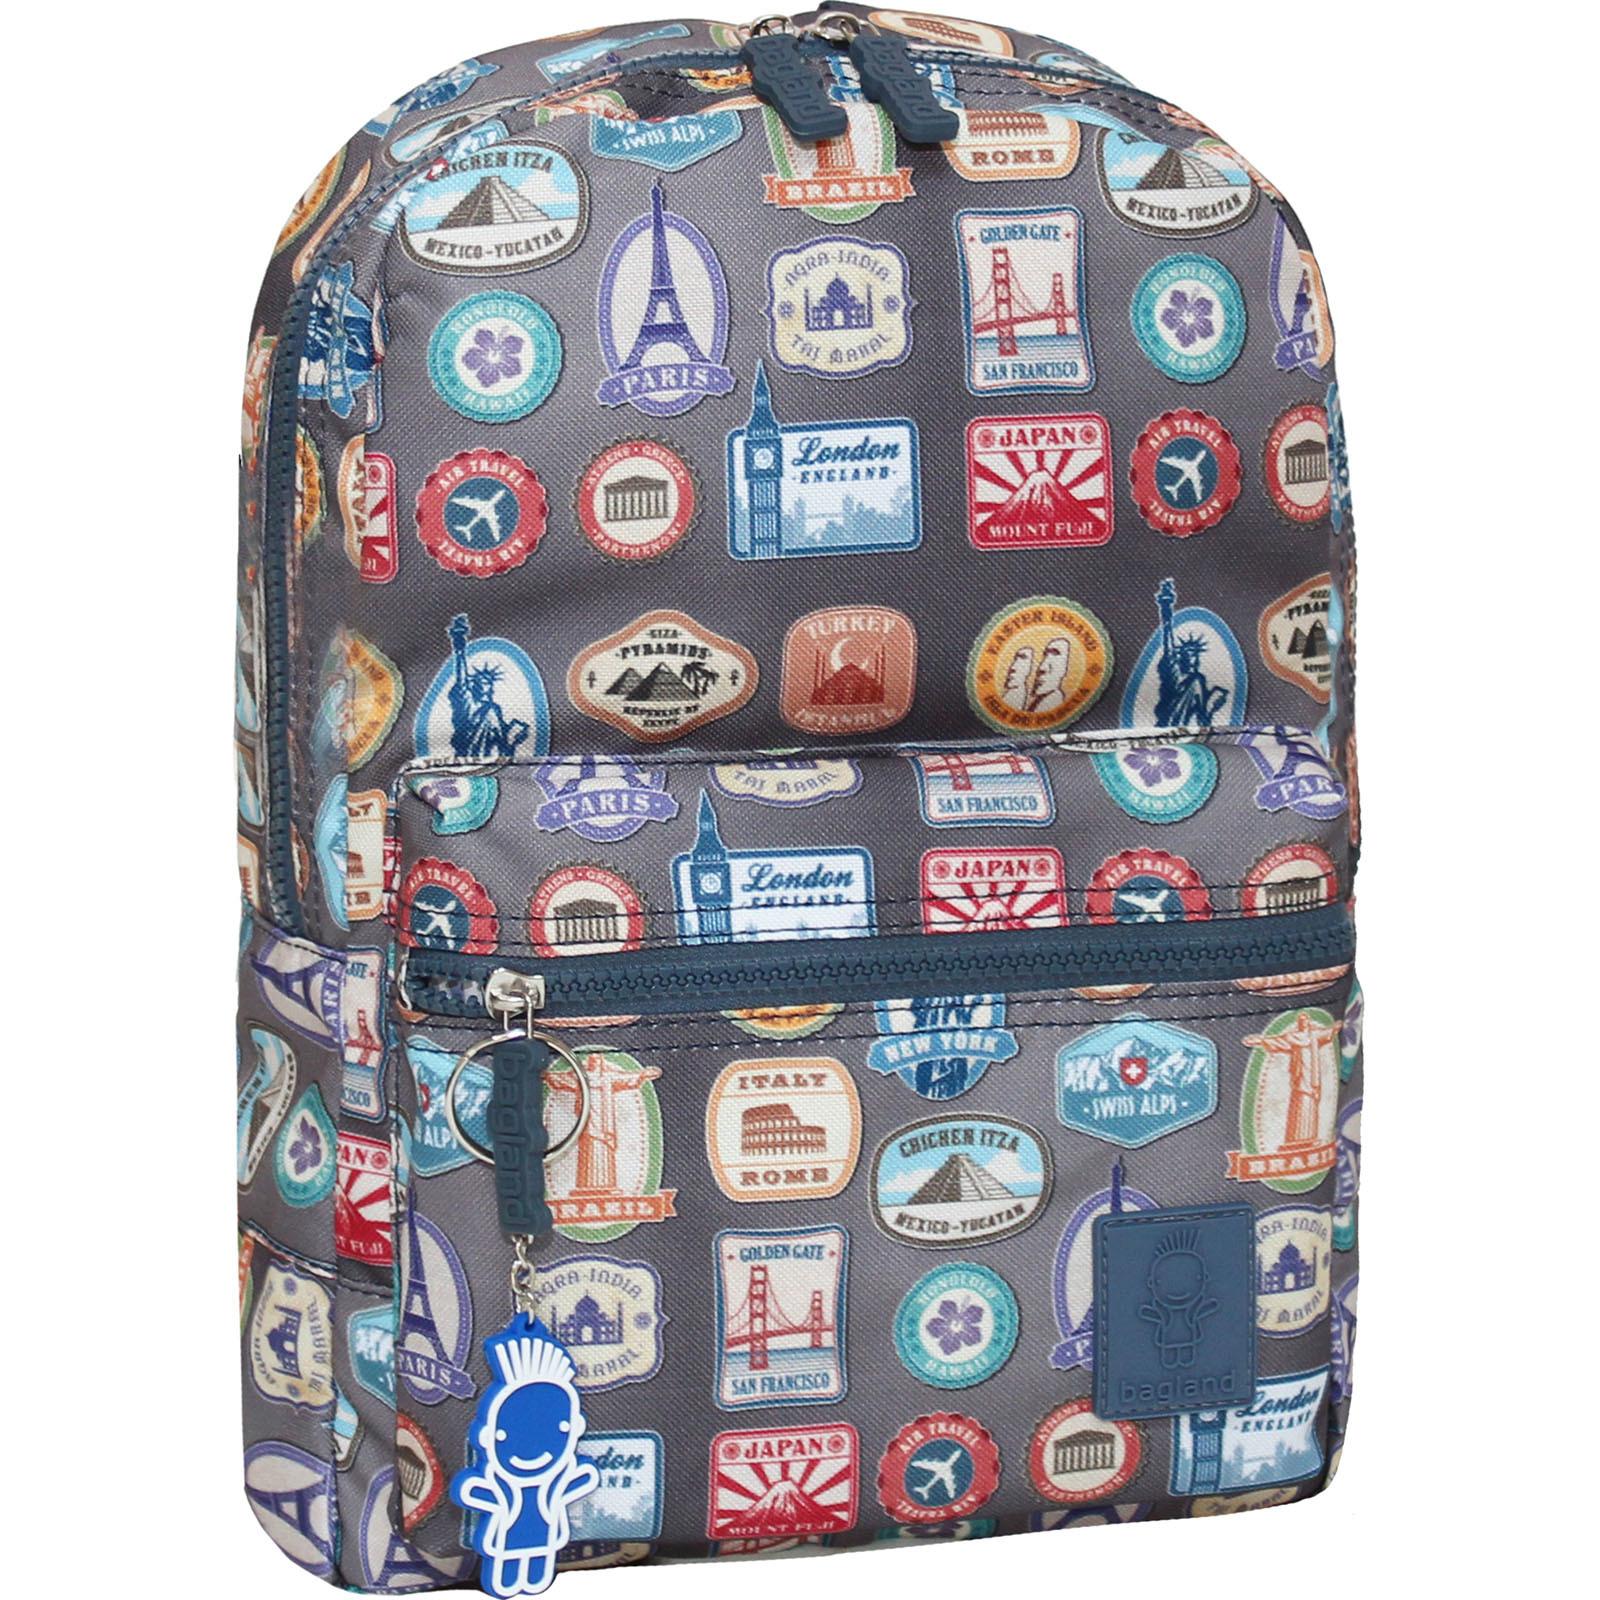 Детские рюкзаки Рюкзак Bagland Молодежный mini 8 л. сублимация 239 (00508664) IMG_9457.JPG